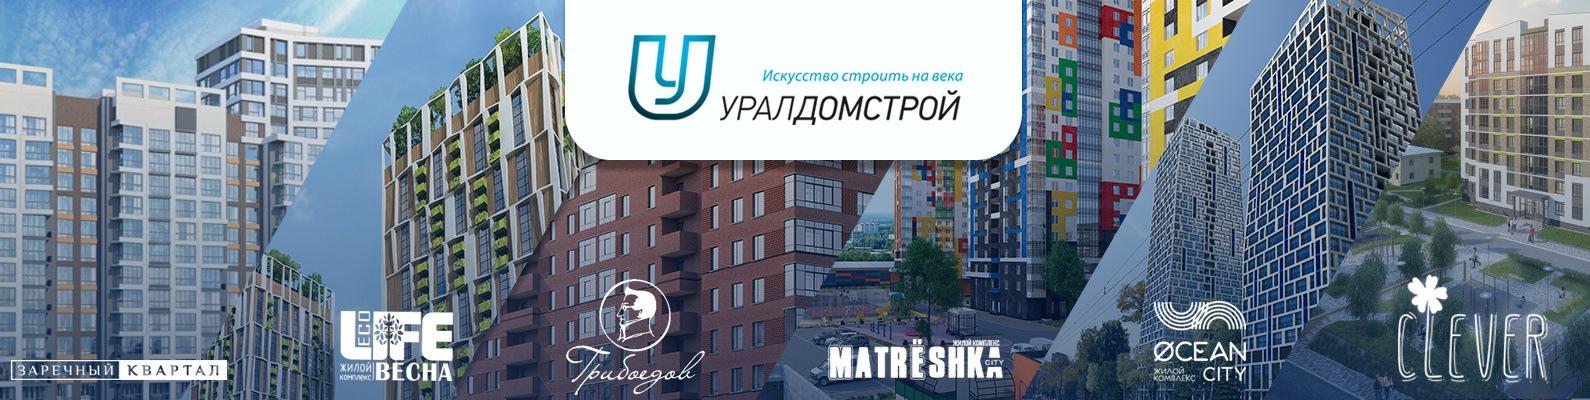 Строительная компания кристина в Ижевске дорожно-строительная компания дорремстрой, ооо